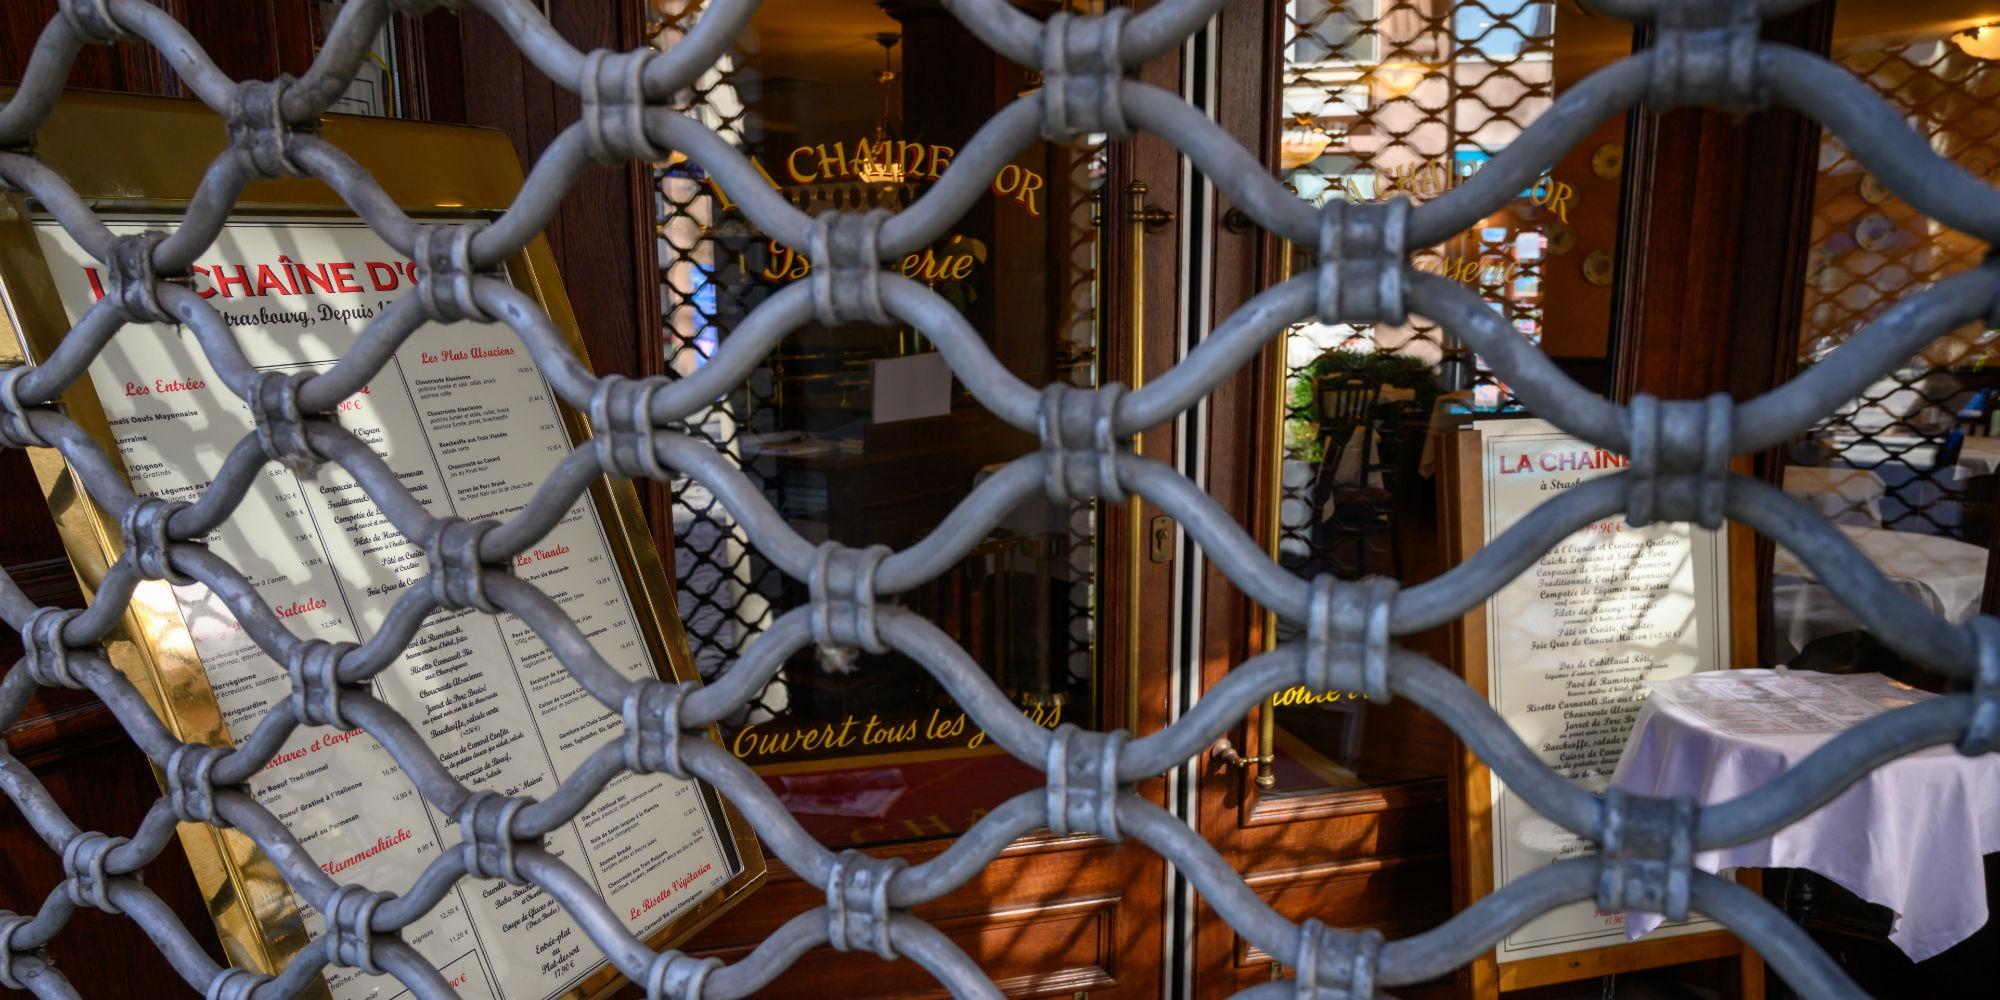 Coronavirus : chômage partiel, indemnisations... Les restaurateurs s'organisent face à la crise